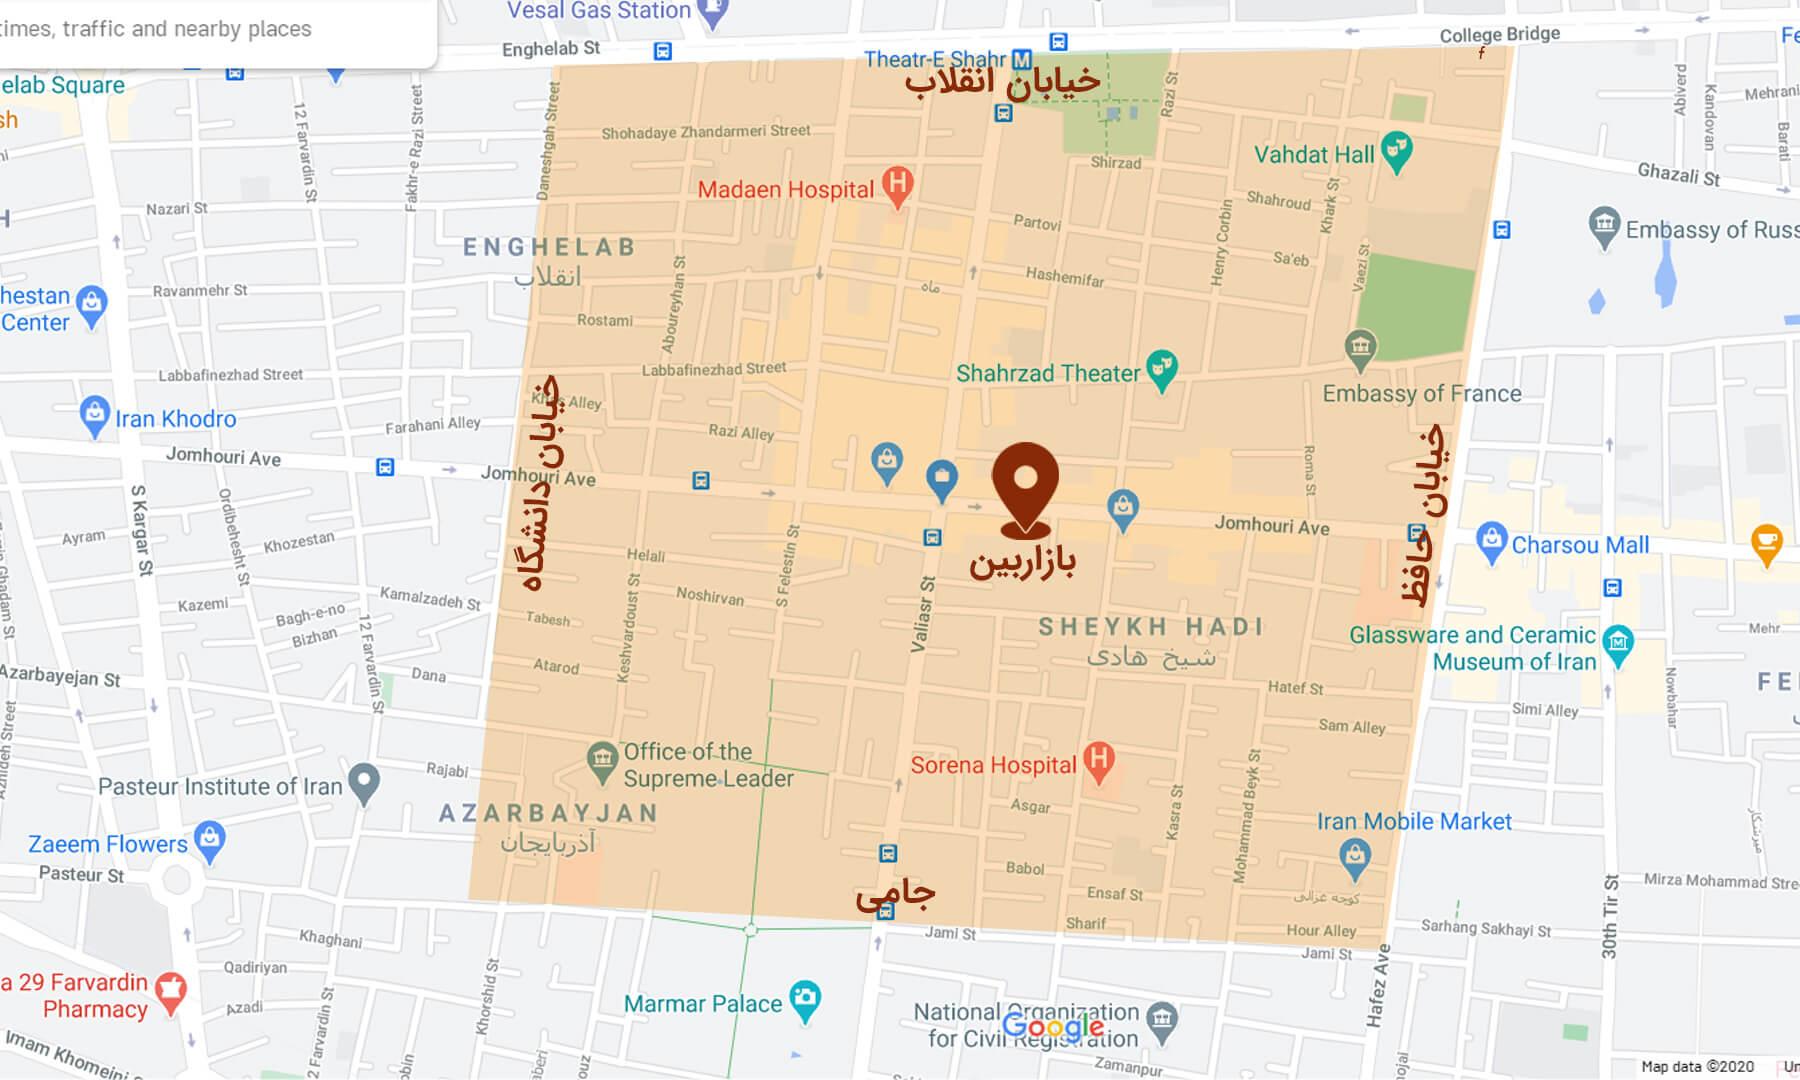 نقشه-محدوده-رایگان-ارسال-سفارشات-از-منو